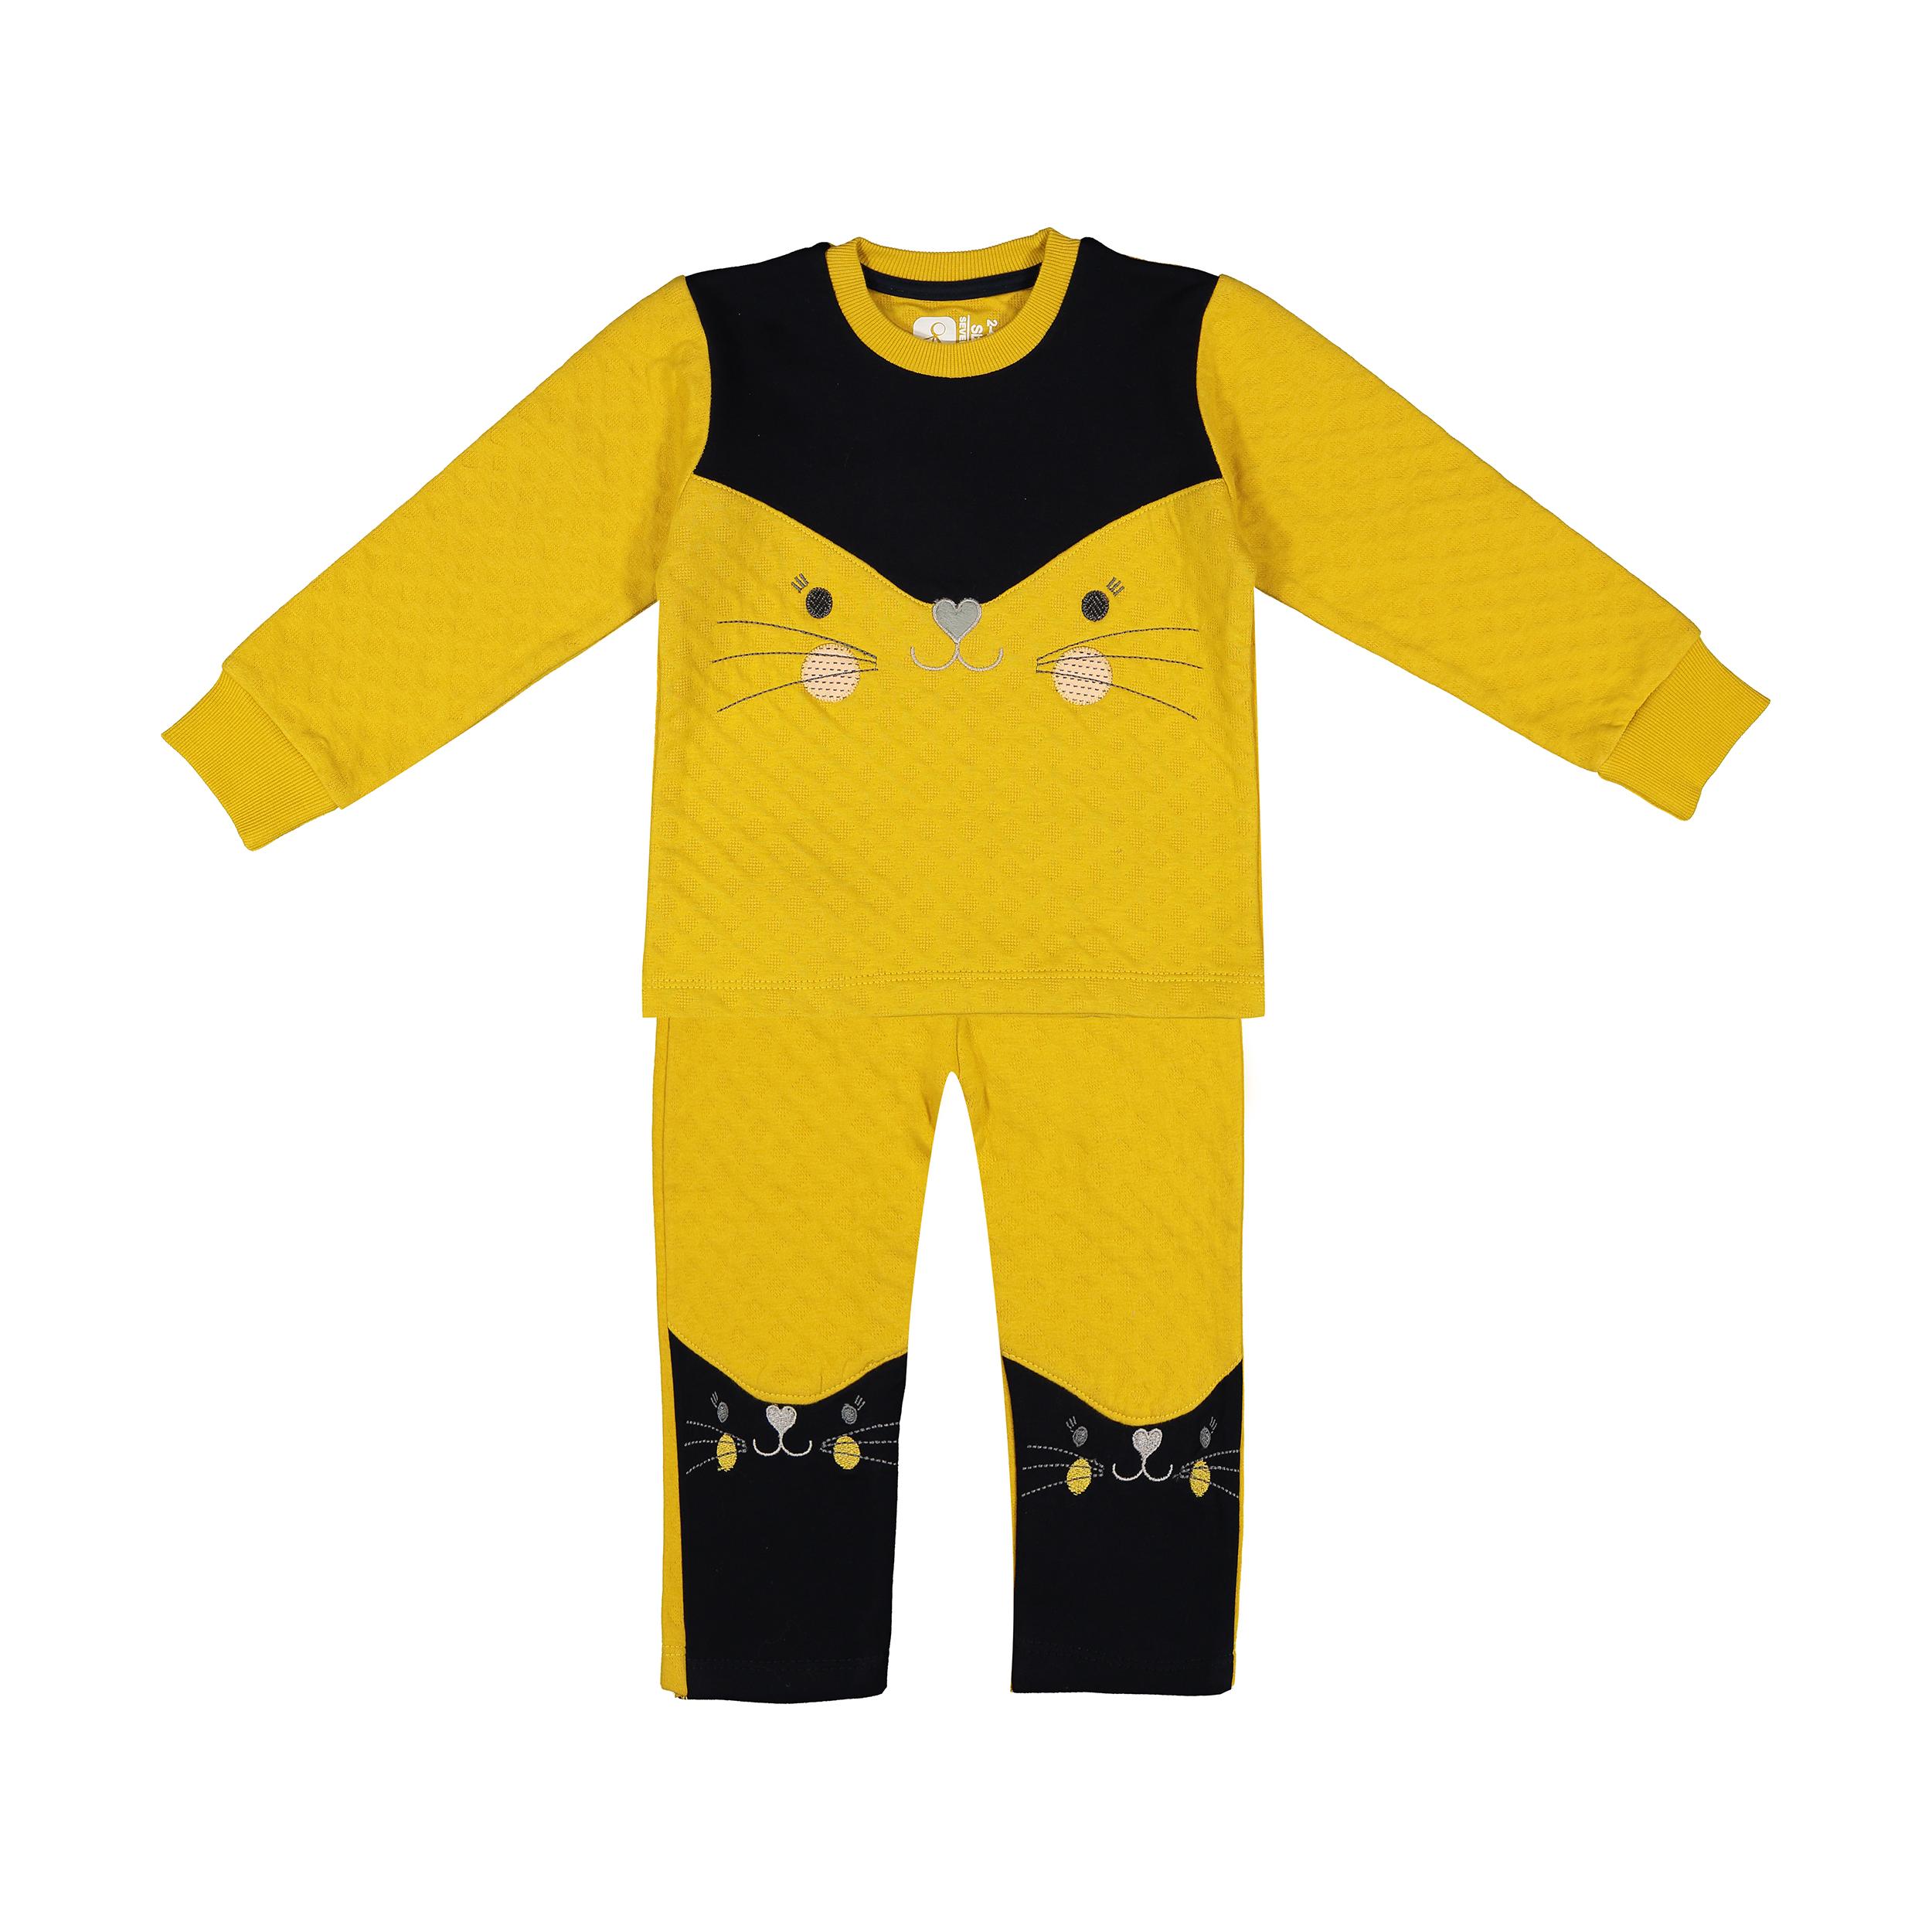 ست تی شرت و شلوار دخترانه سون پون مدل 1391229-16